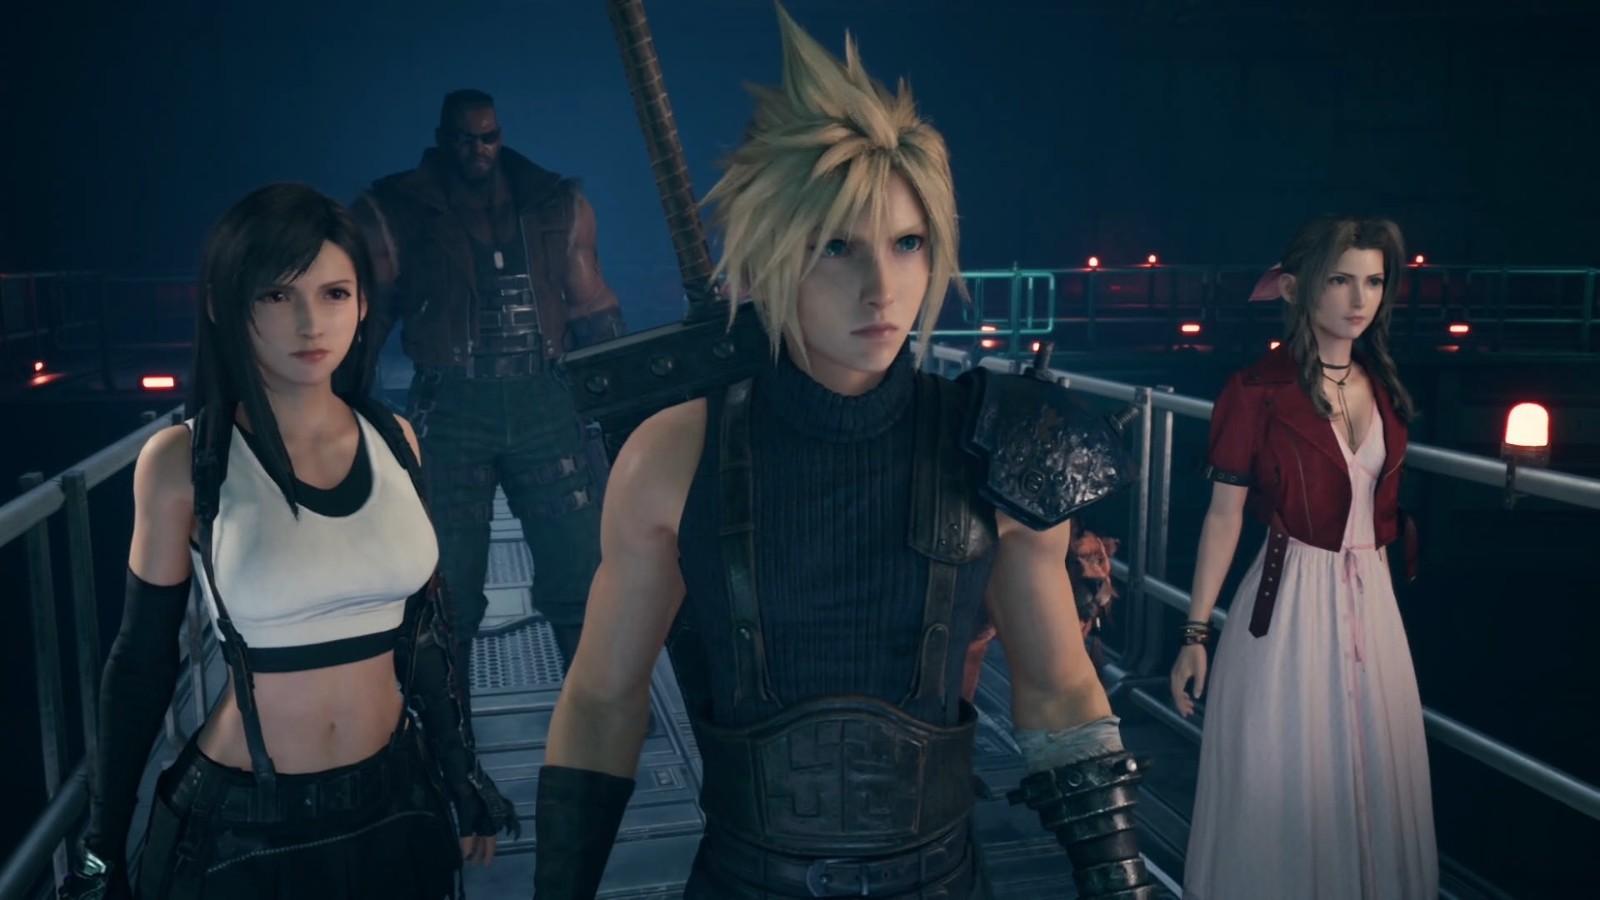 《最终幻想7:重制版》第二章或为开放世界 有新玩法